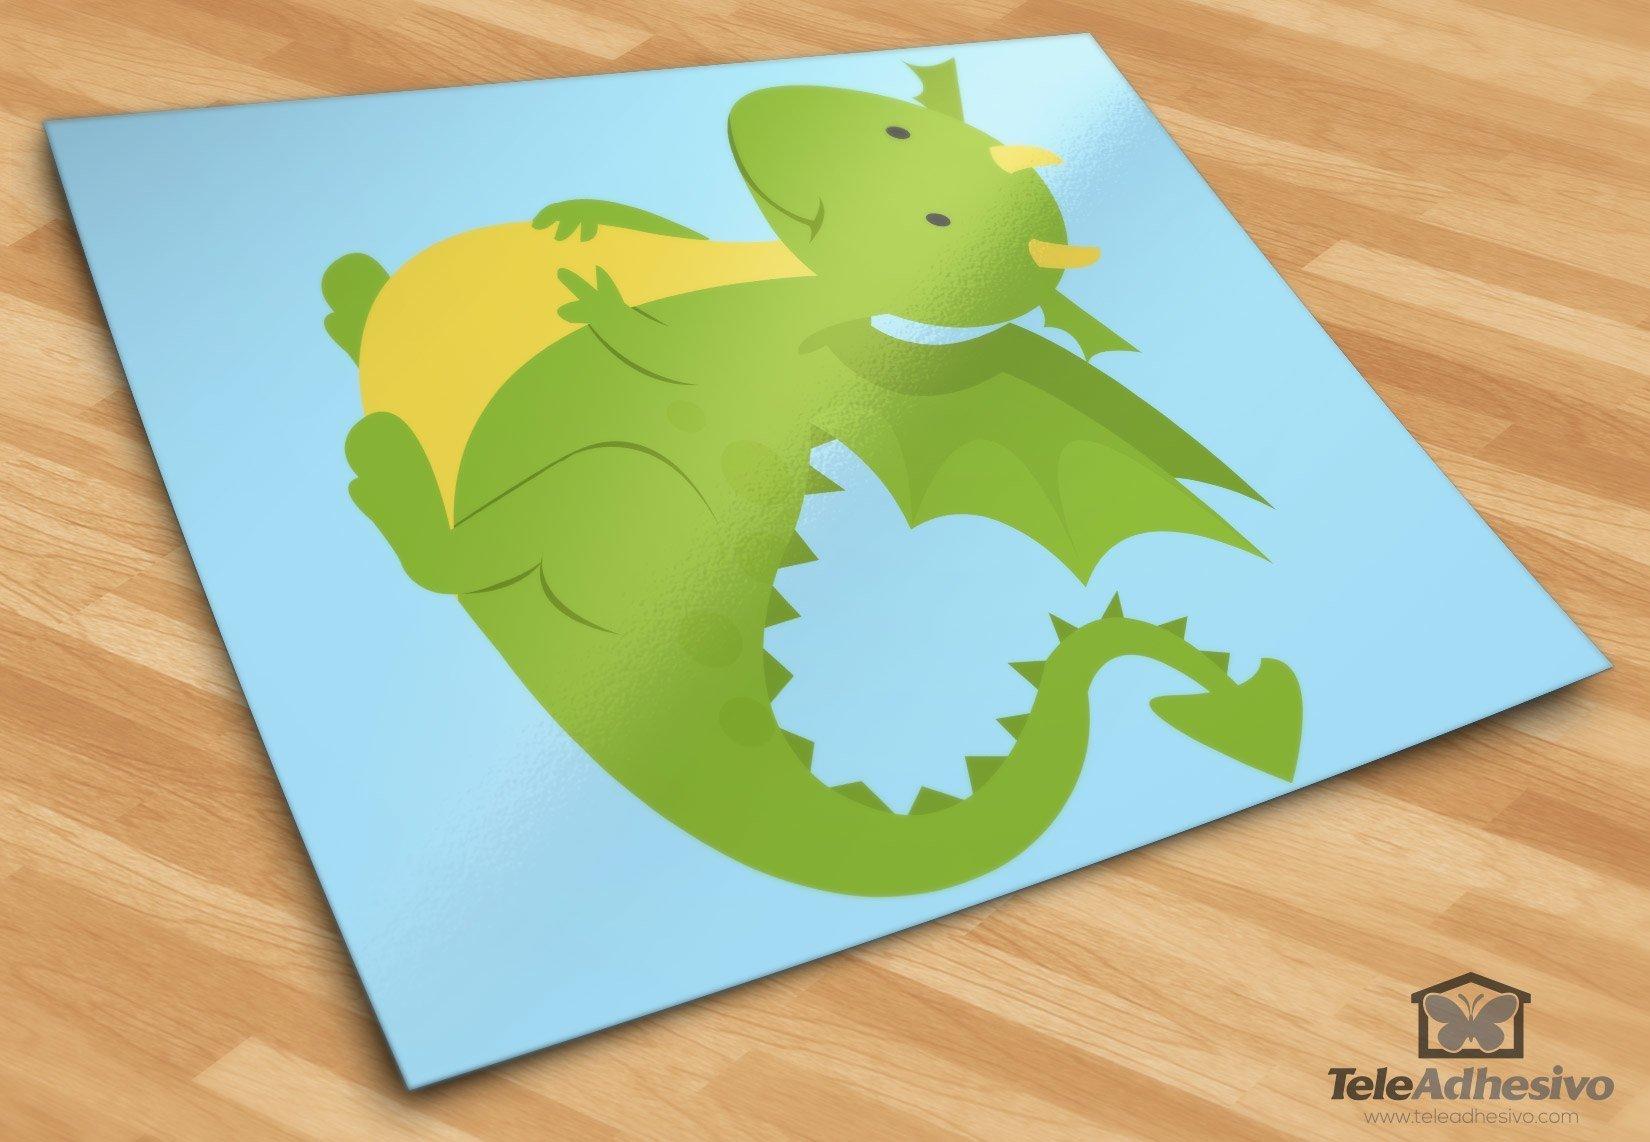 Astounding Wandtattoo Drachen Sammlung Von Kinderzimmer Wandtattoo: